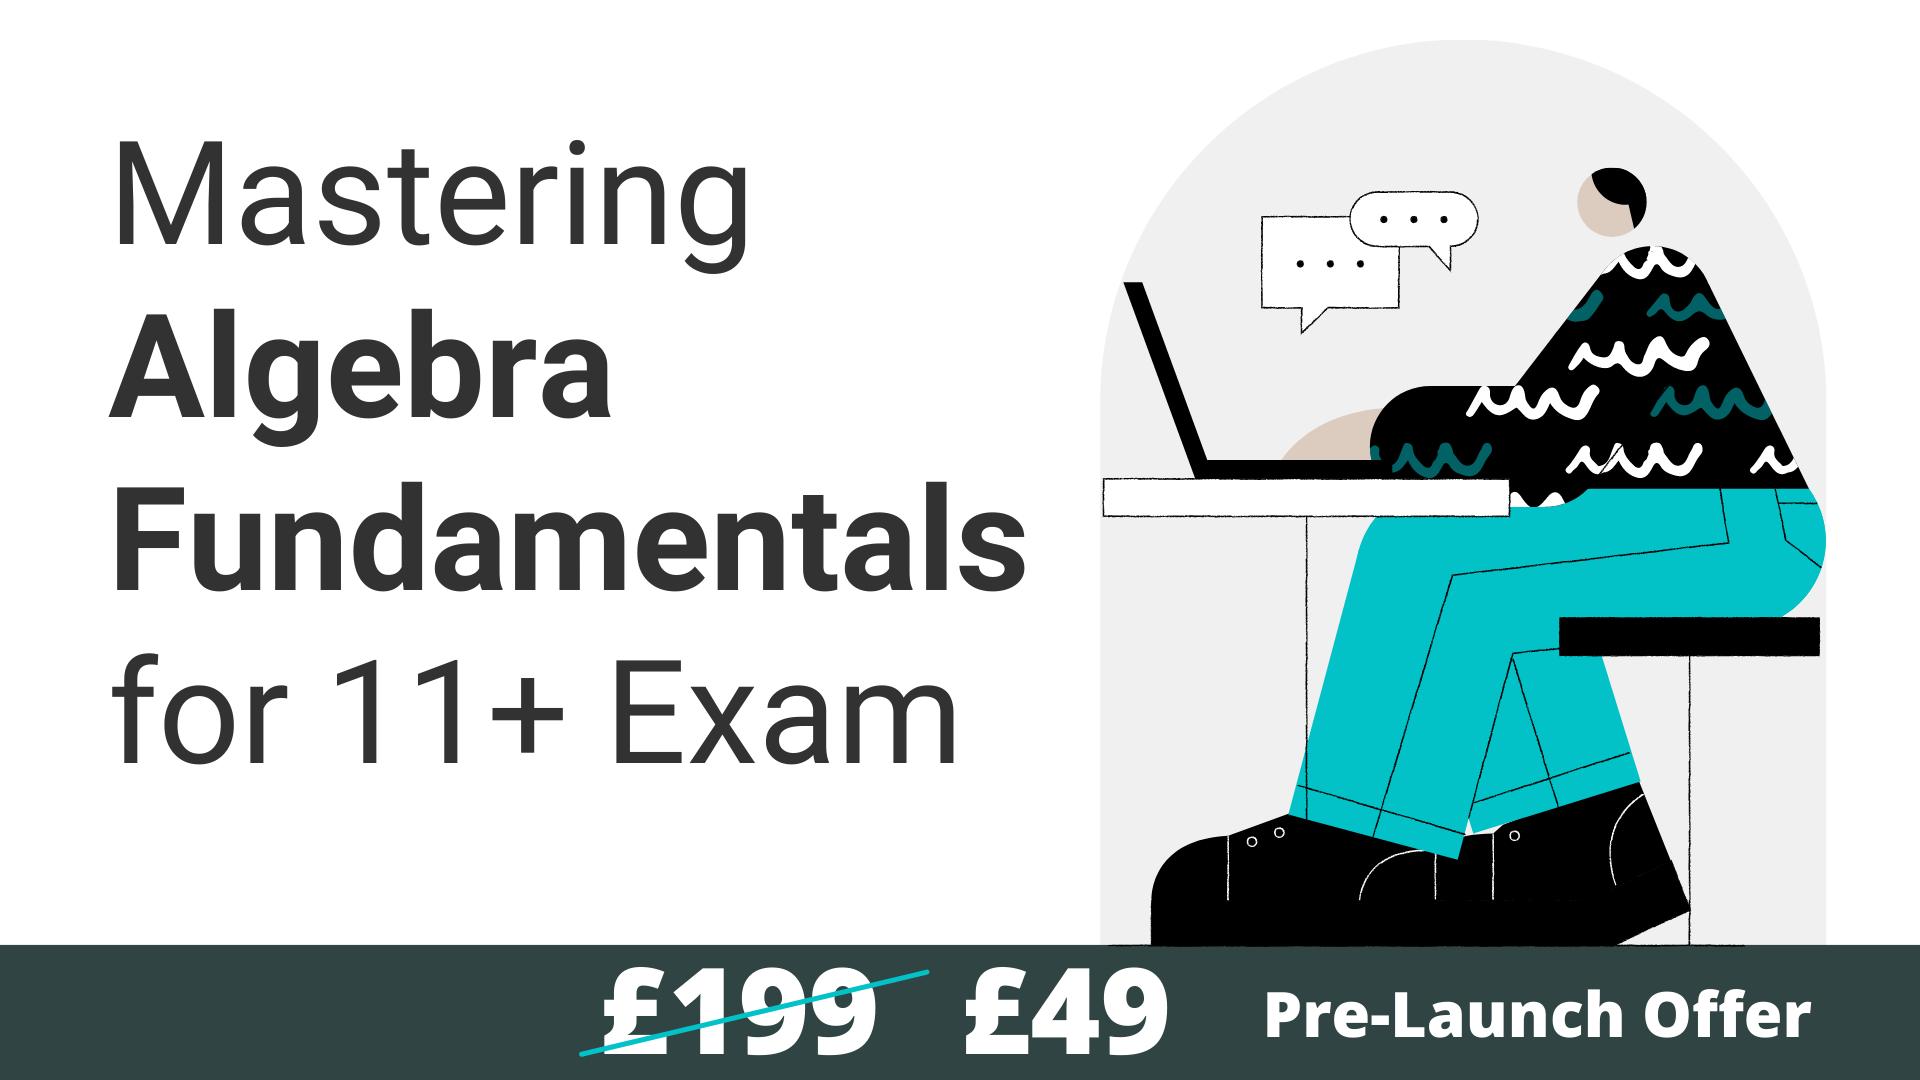 Mastering Algebra Fundamentals for 11+ Exams